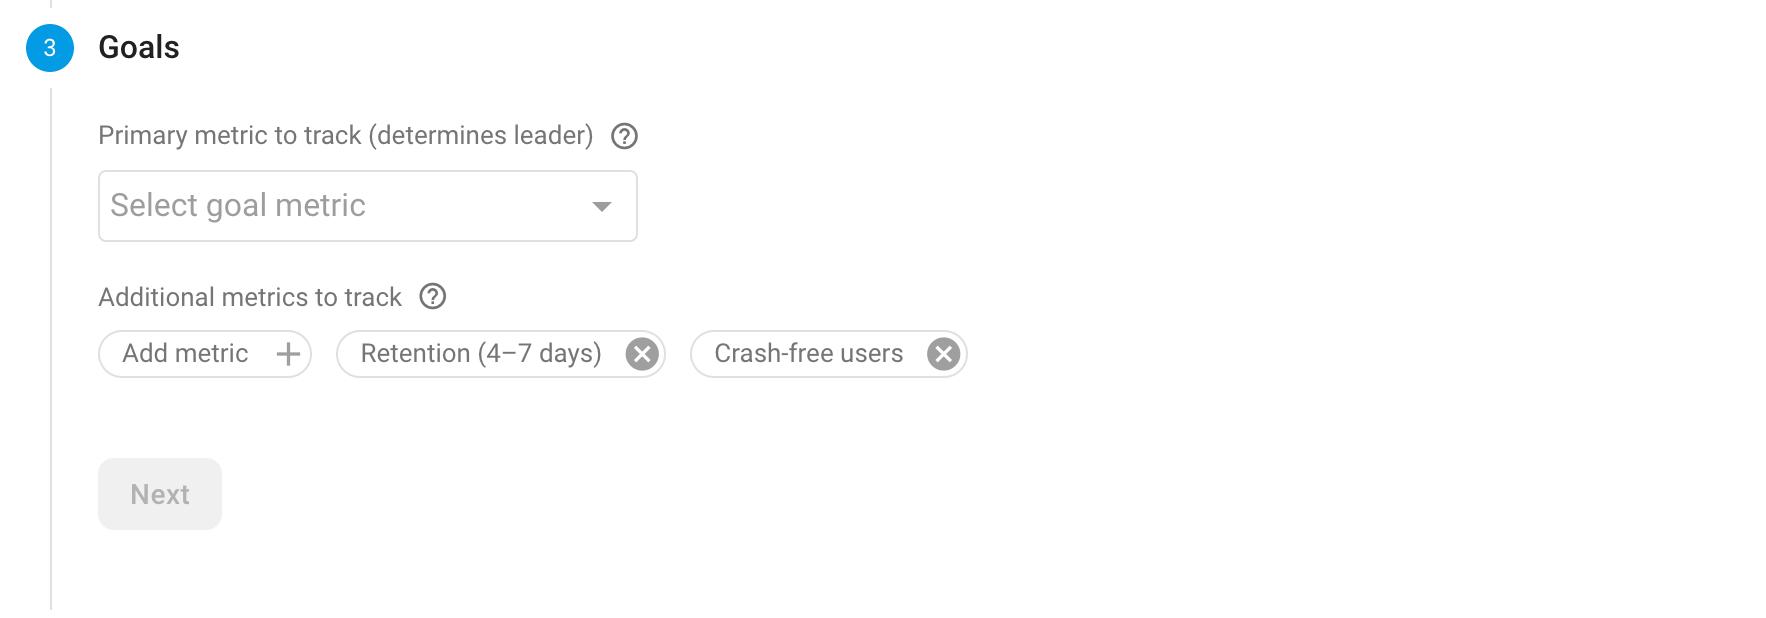 Remote A/B testing goals screenshot